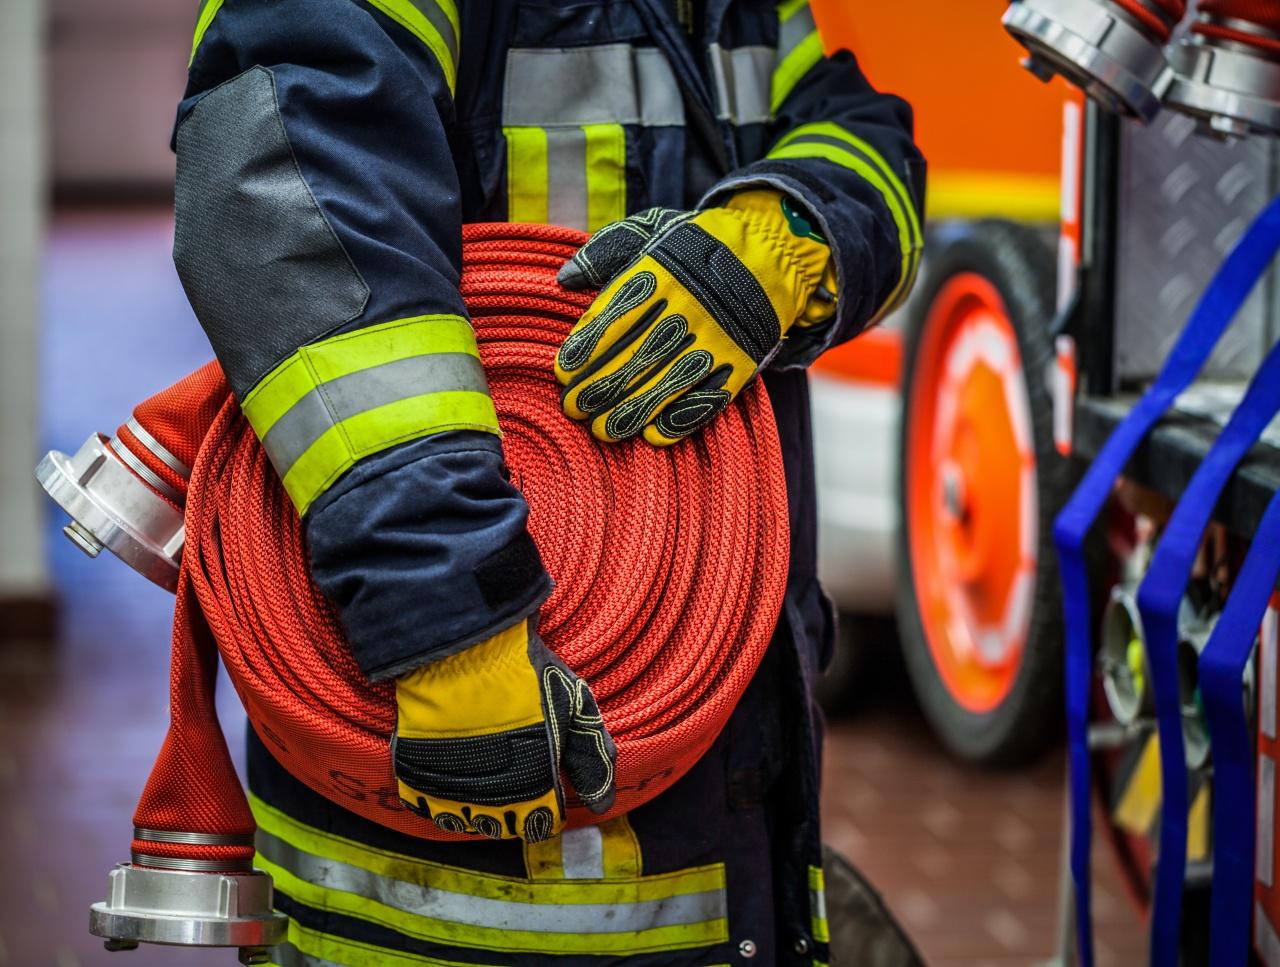 Szabadtéri tűzesetek megelőzése – Egy hét alatt 50 riasztás a megyében